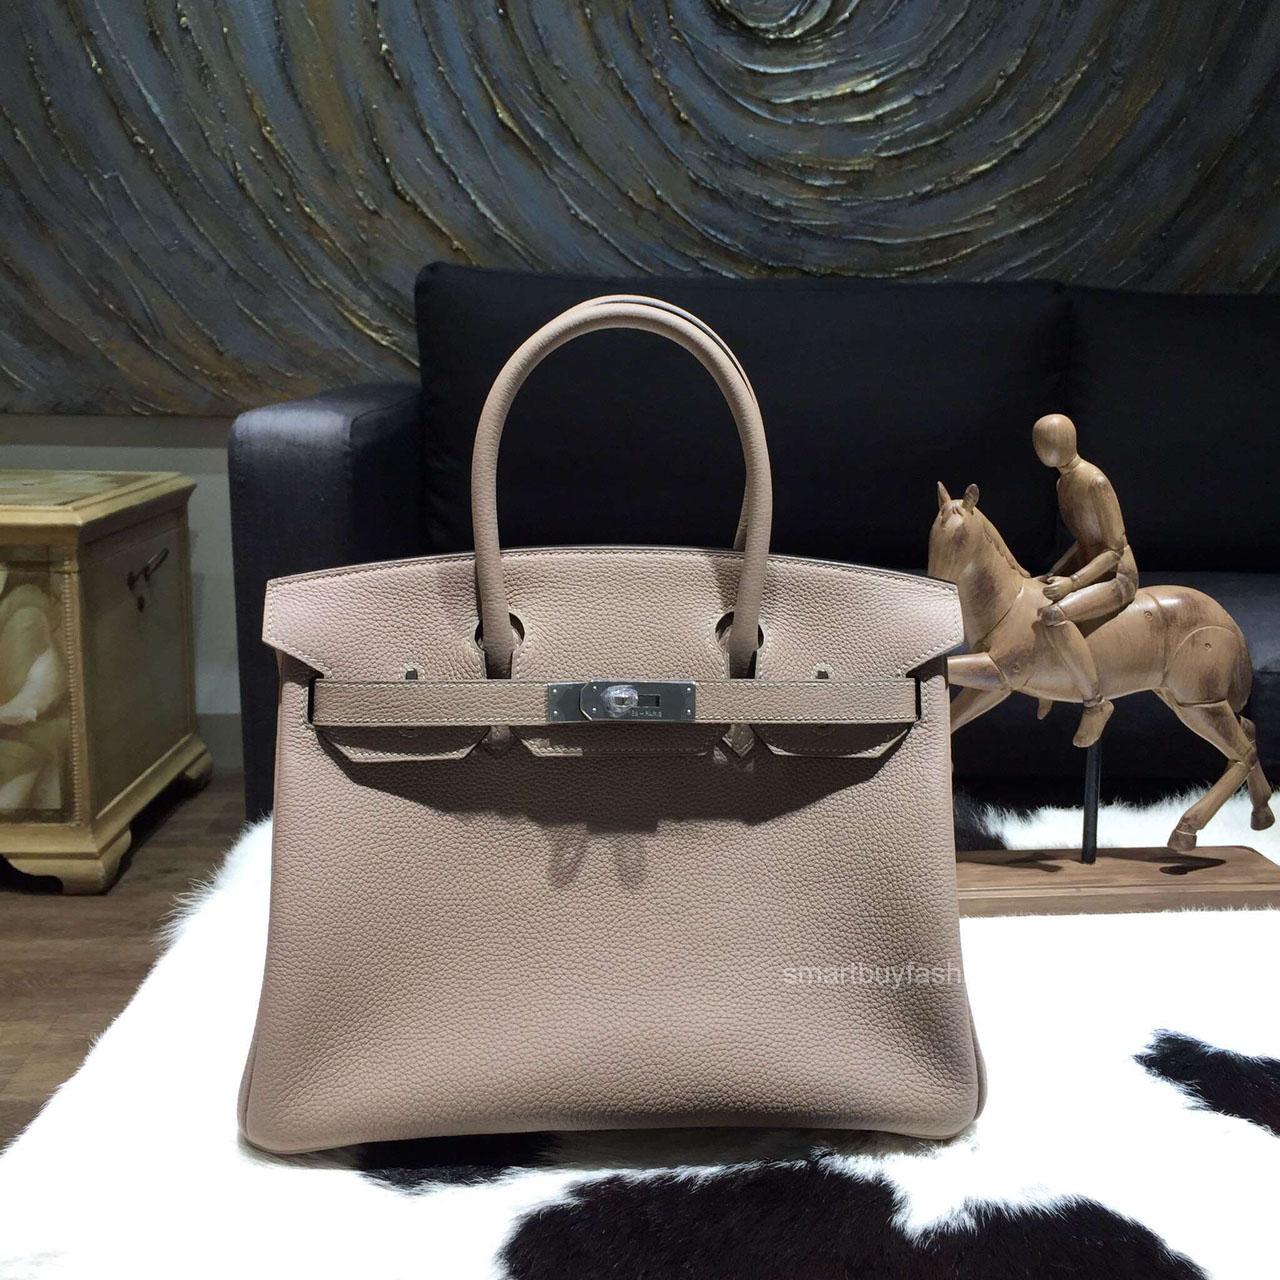 149933e00d Hermes Birkin 35 Bag Gris Tourterelle CK81 Togo Leather Handstitched Silver  hw